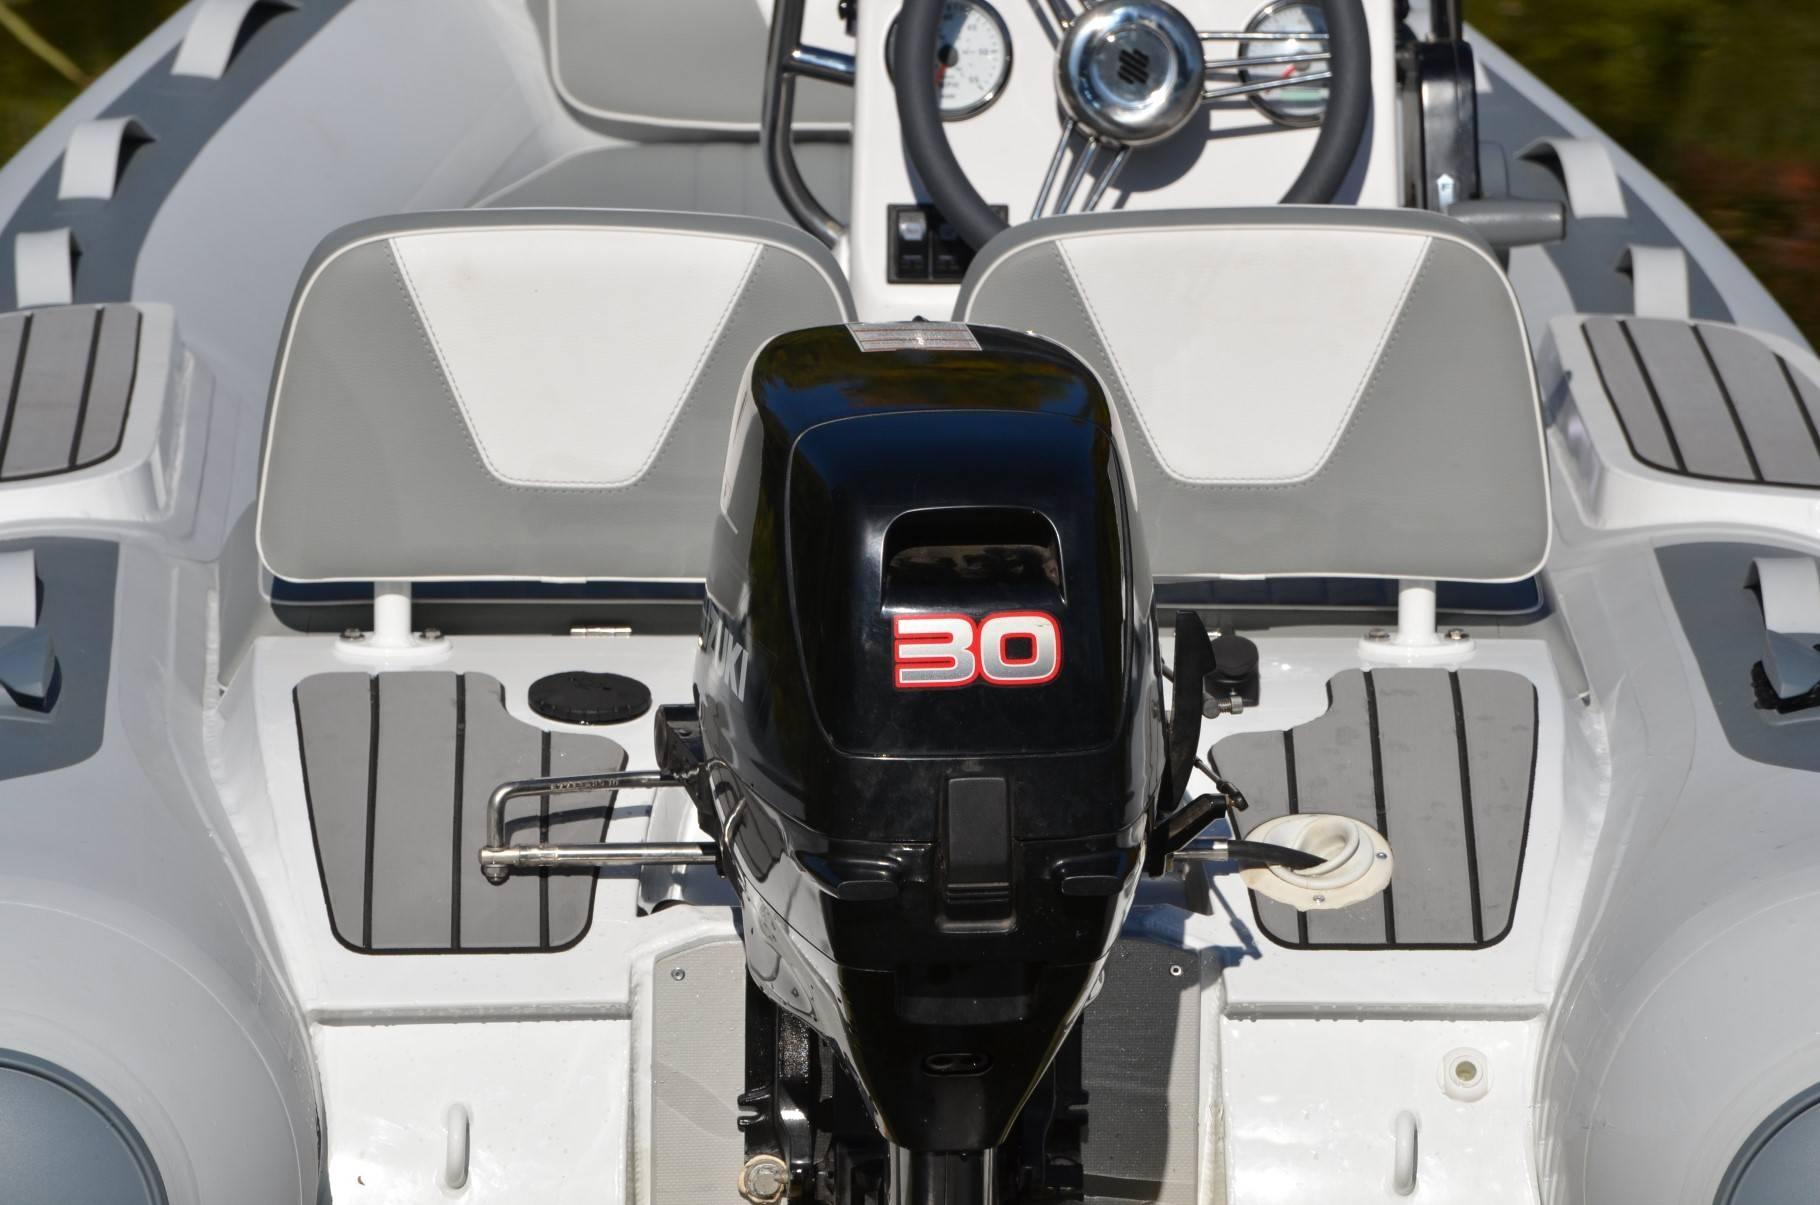 Gala motortartó, hátsó fröccsenés gátló